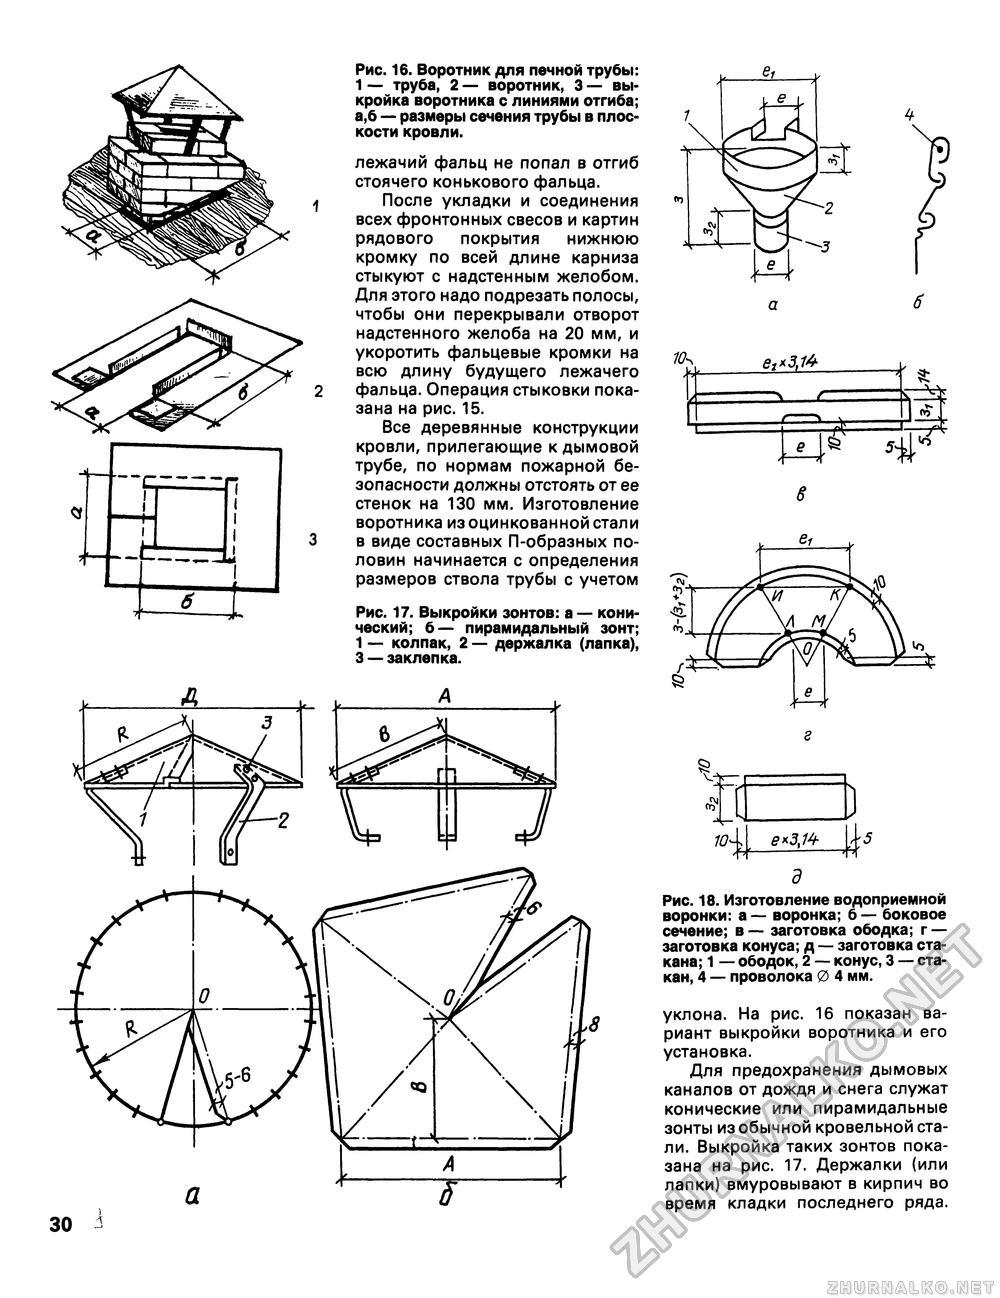 Как сделать правильно зонт на трубу